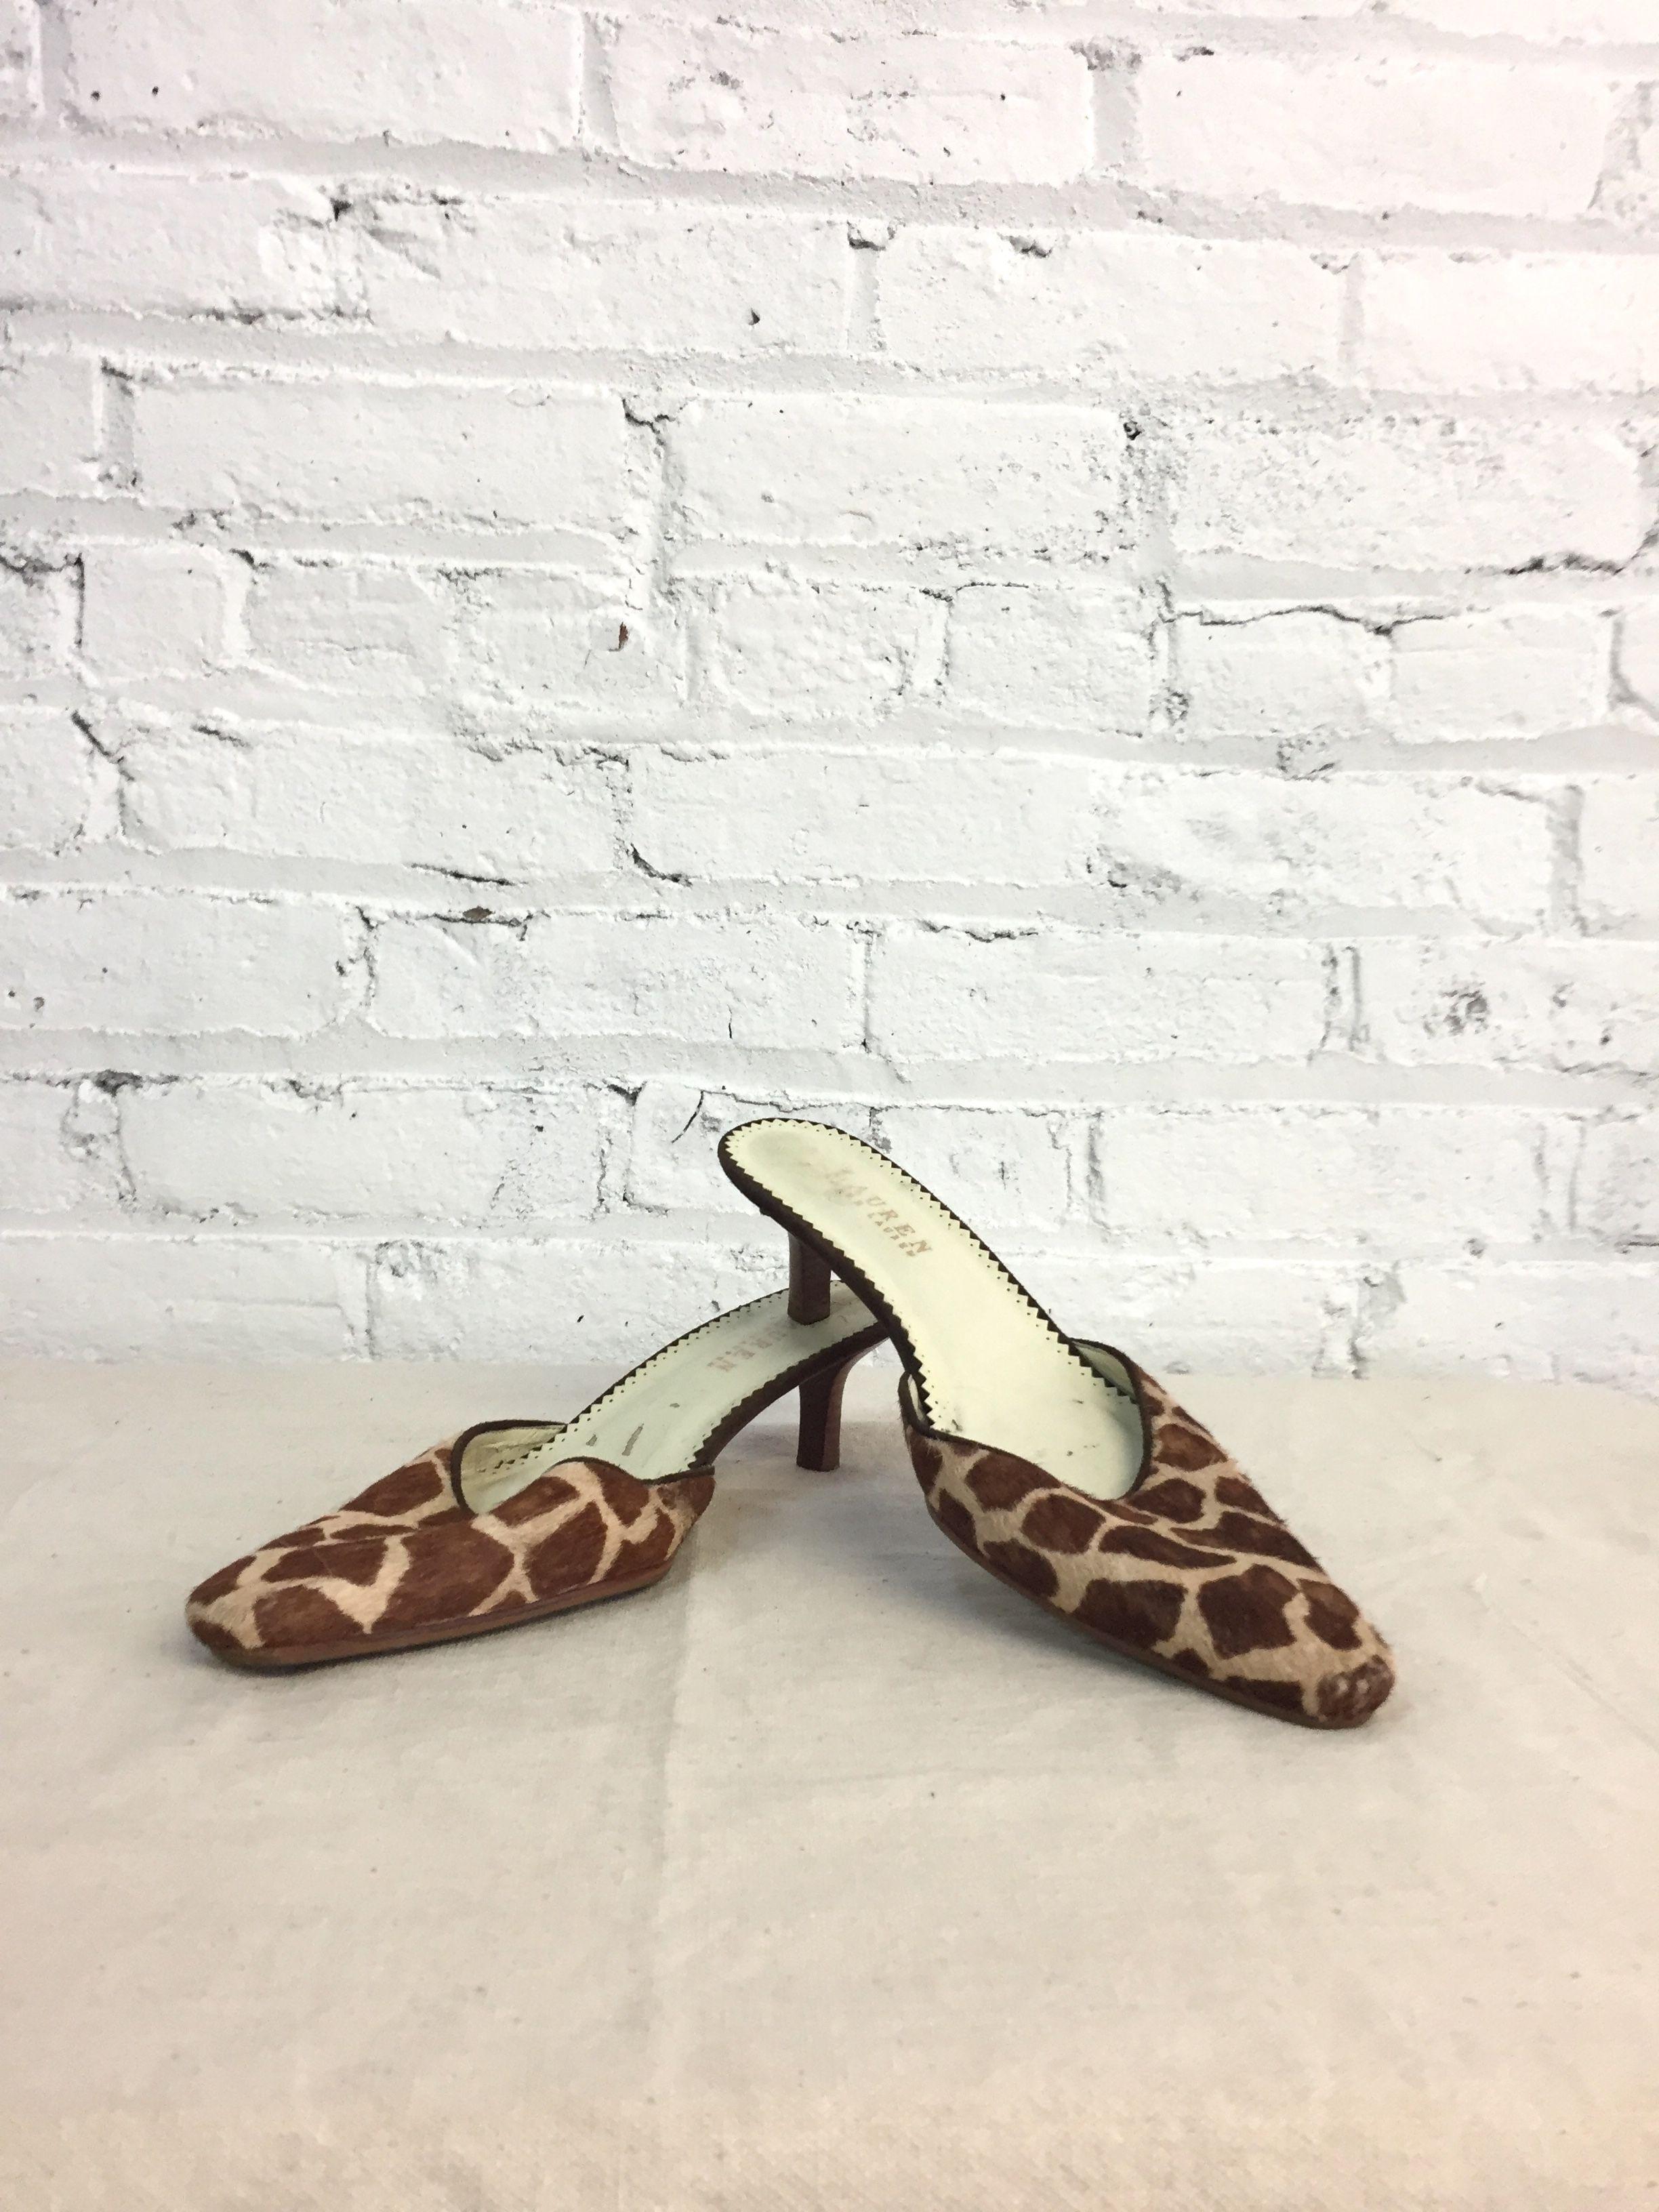 Vintage Ralph Lauren Calf Hair Giraffe Print Pointed Toe Kitten Heel Mules Kitten Heels Heels Pointed Toe